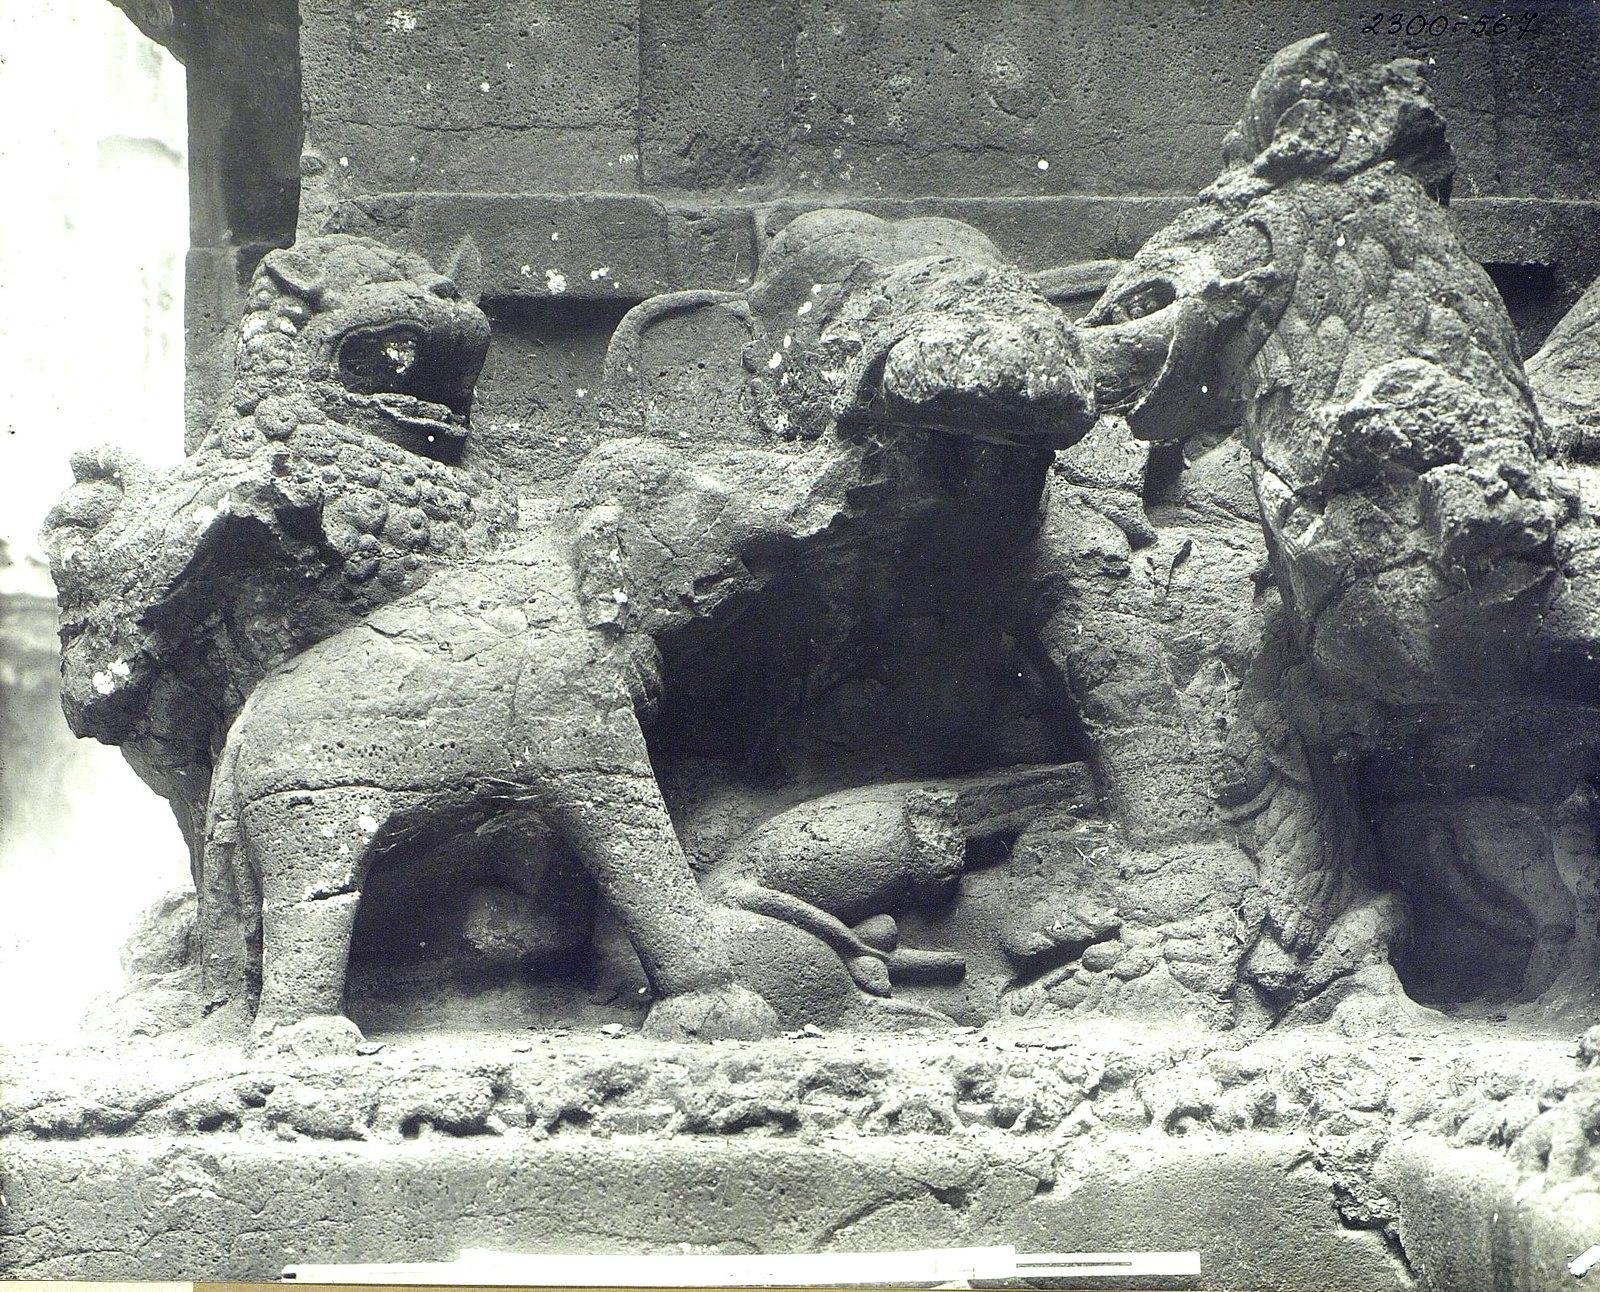 Храм Кайласа в Эллоре (деталь рельефа со слонами и львами) (4)